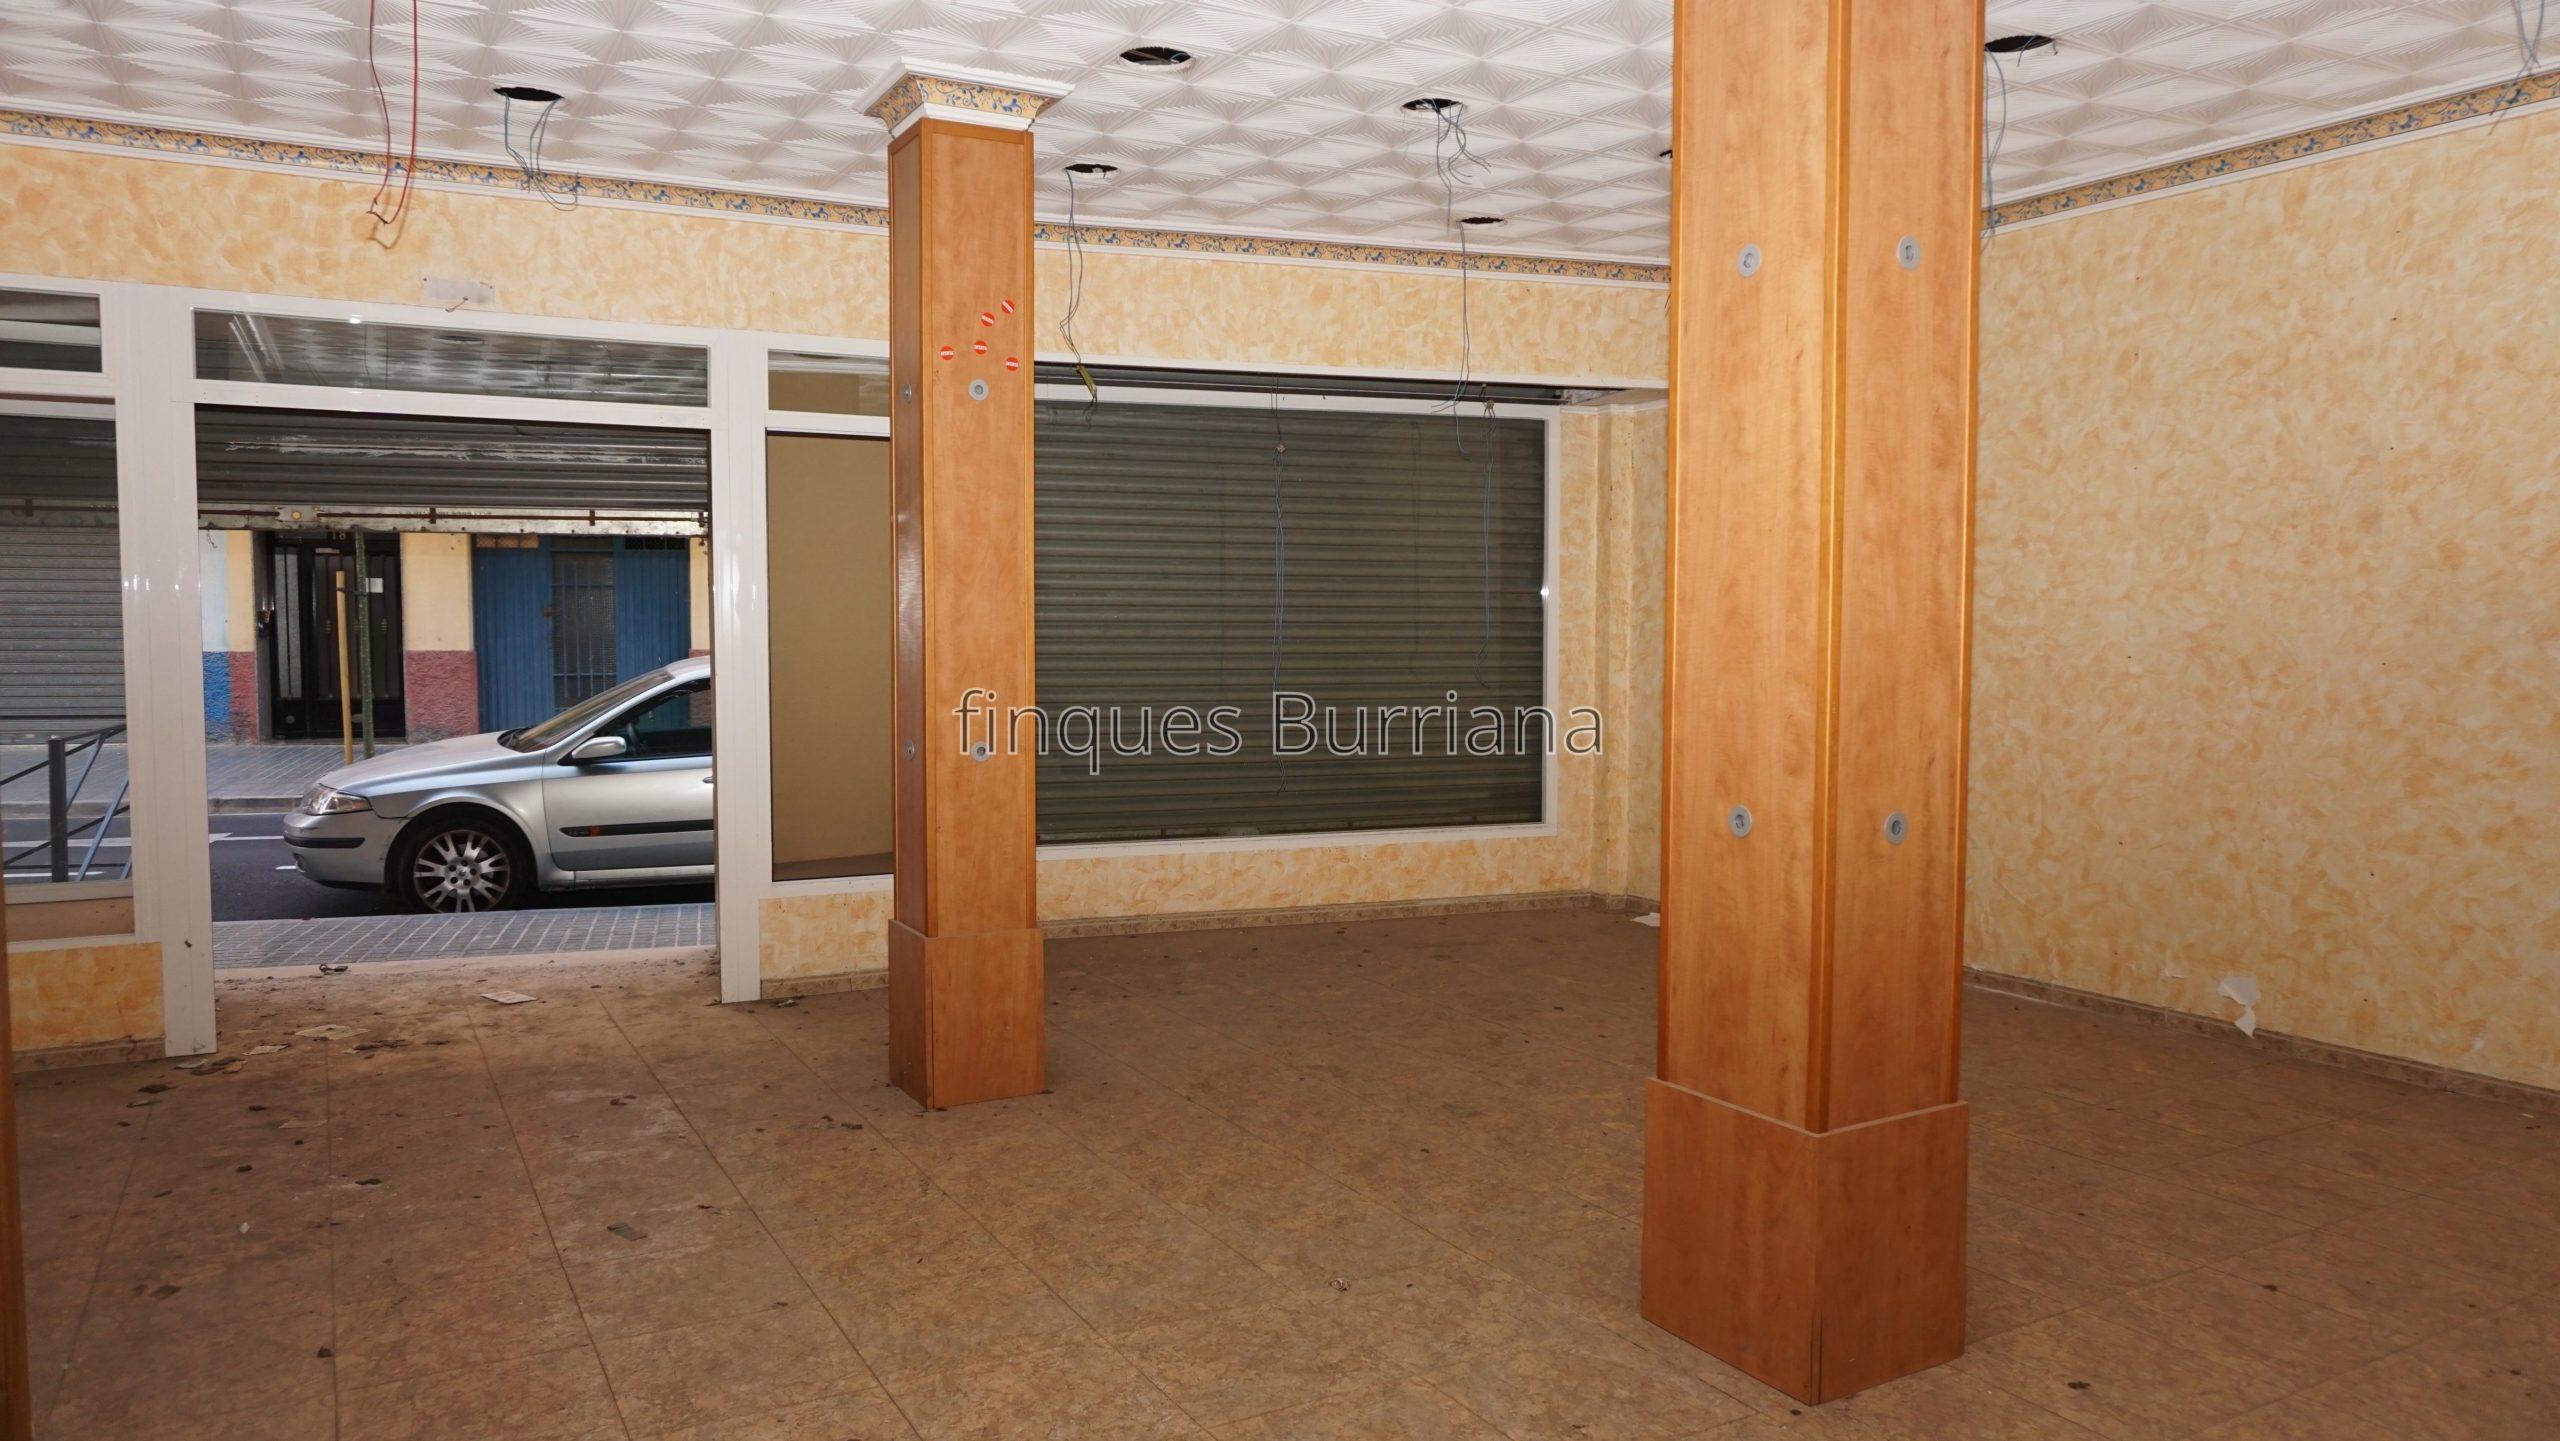 Local en Venta en Burriana (Castellón) Zona Carretera de Nules